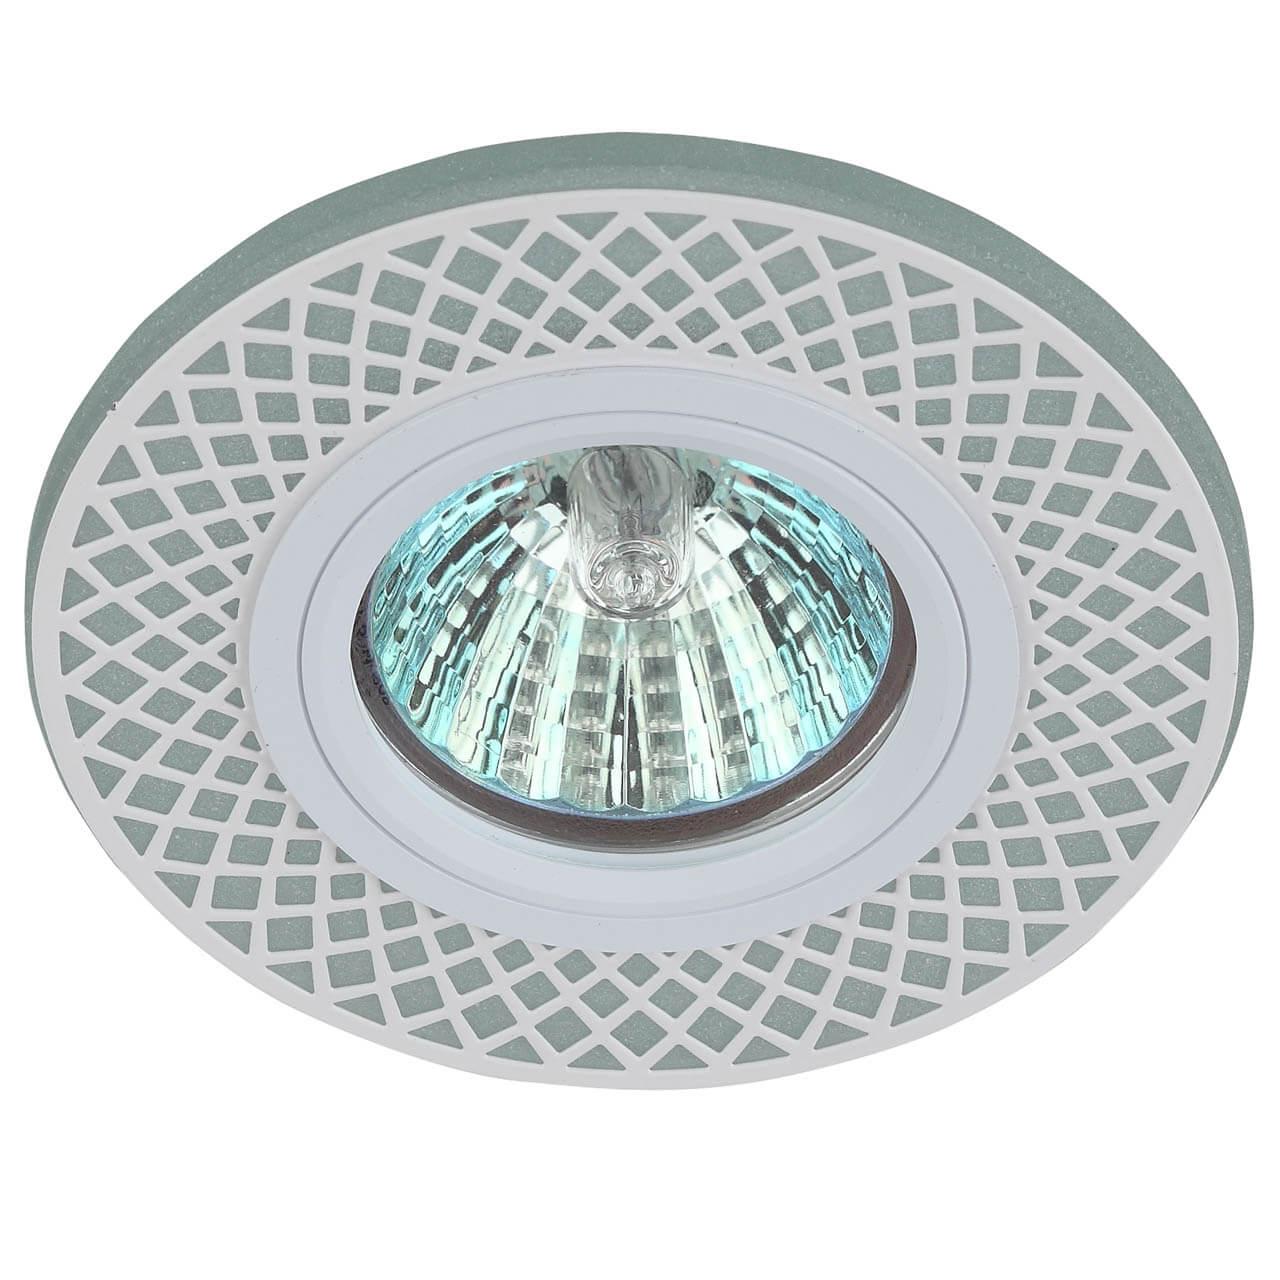 Точечный светильник ЭРА DK LD42 WH/WH elvan точечный светильник elvan sd 8016 g wh